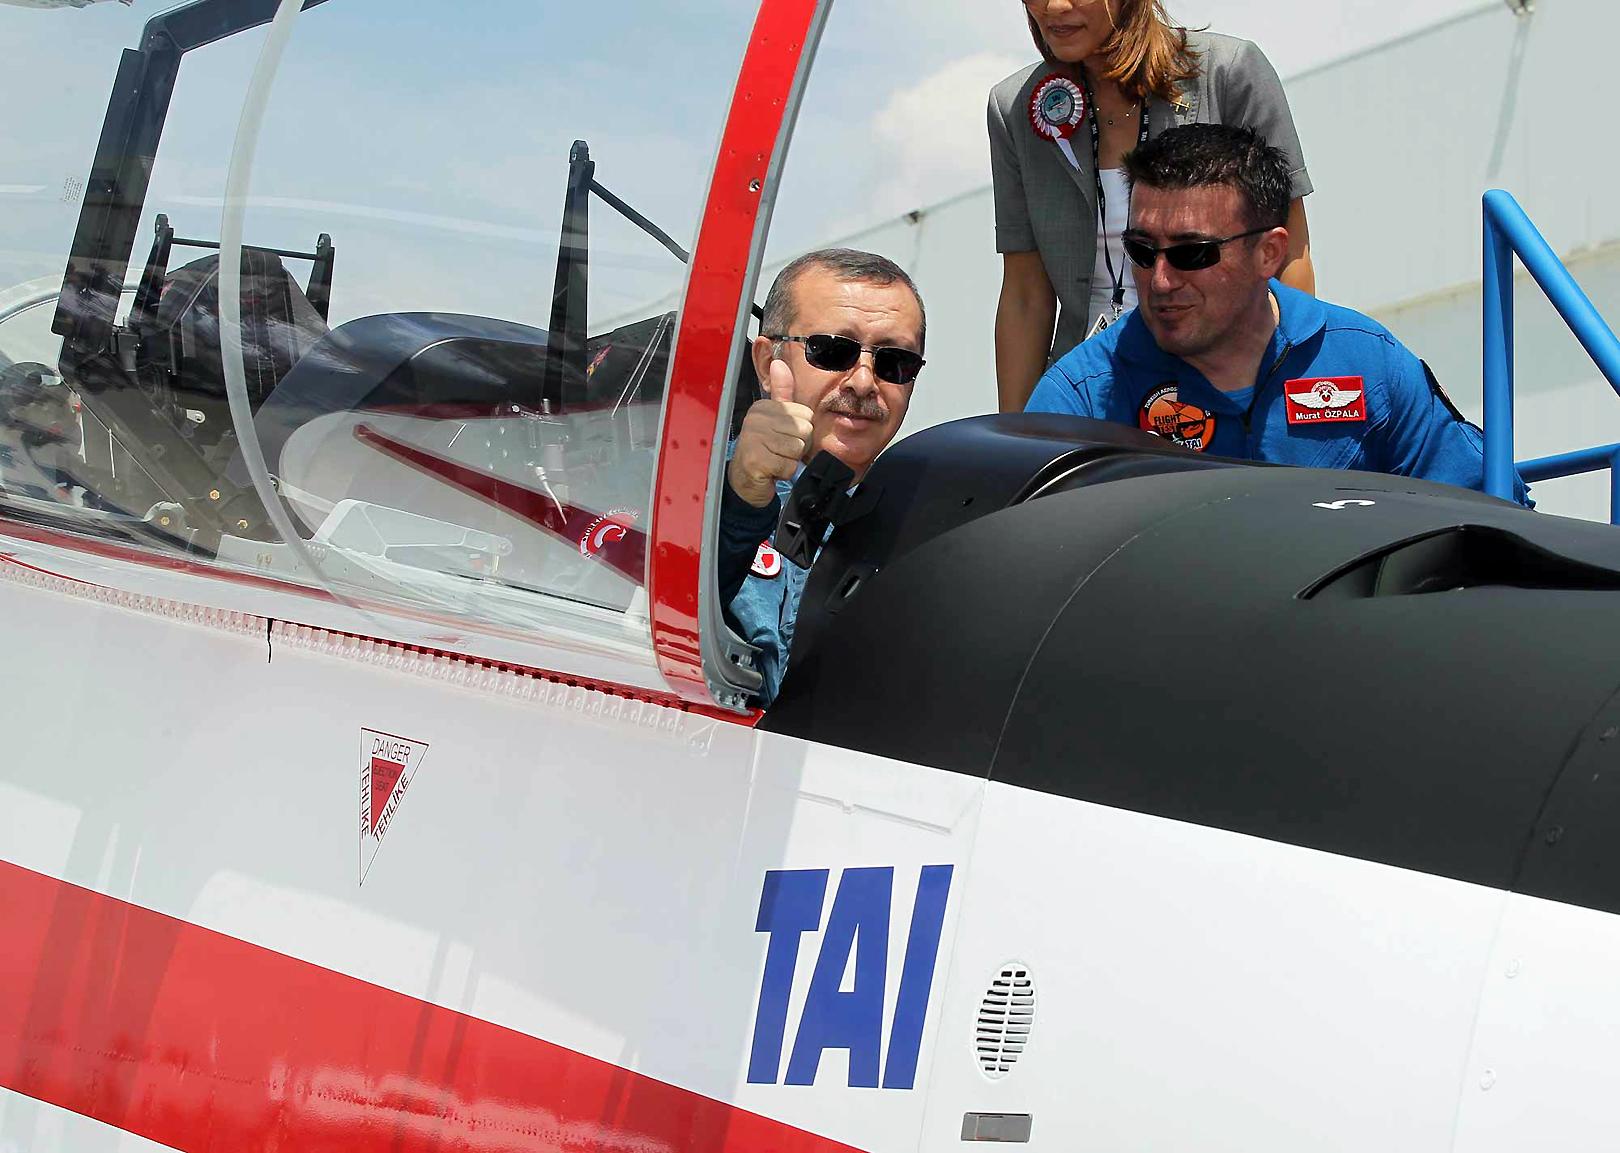 Фото: Ali Ünal / Zaman Реджеп Тайїп Ердоган